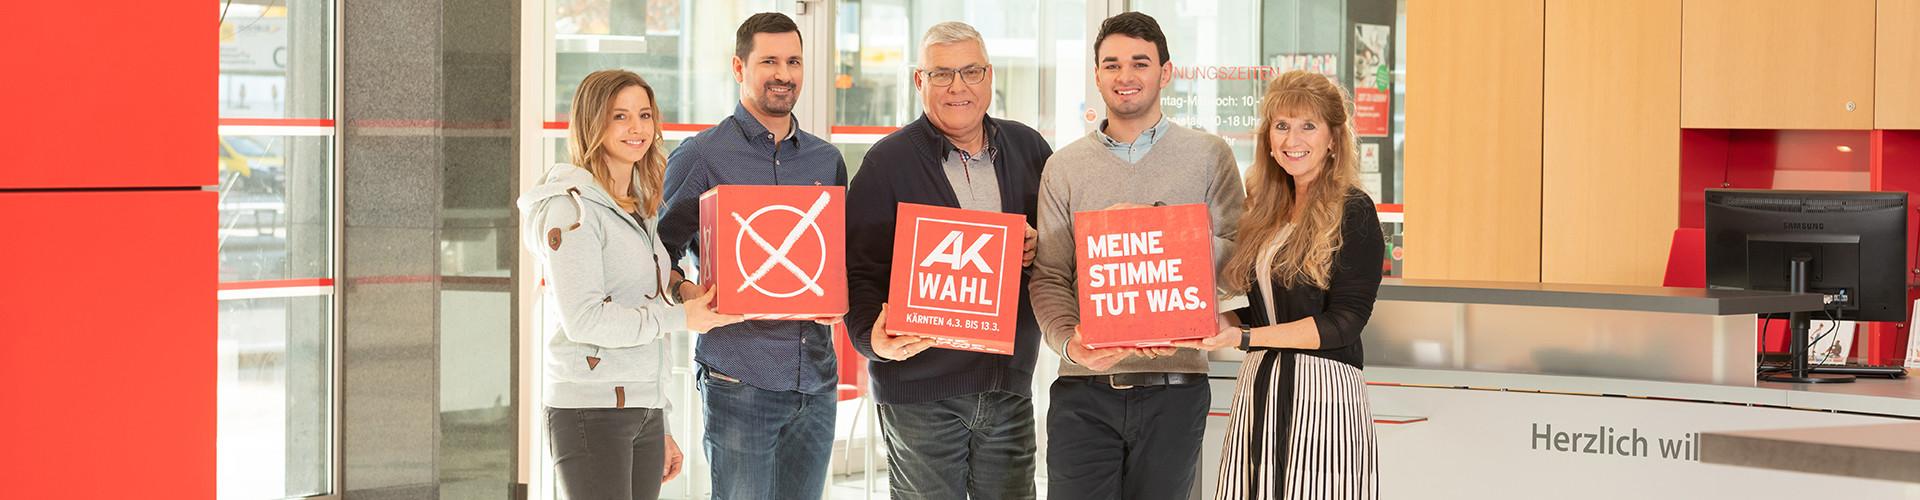 AK-Wahl © Arnold Pöschl, AK